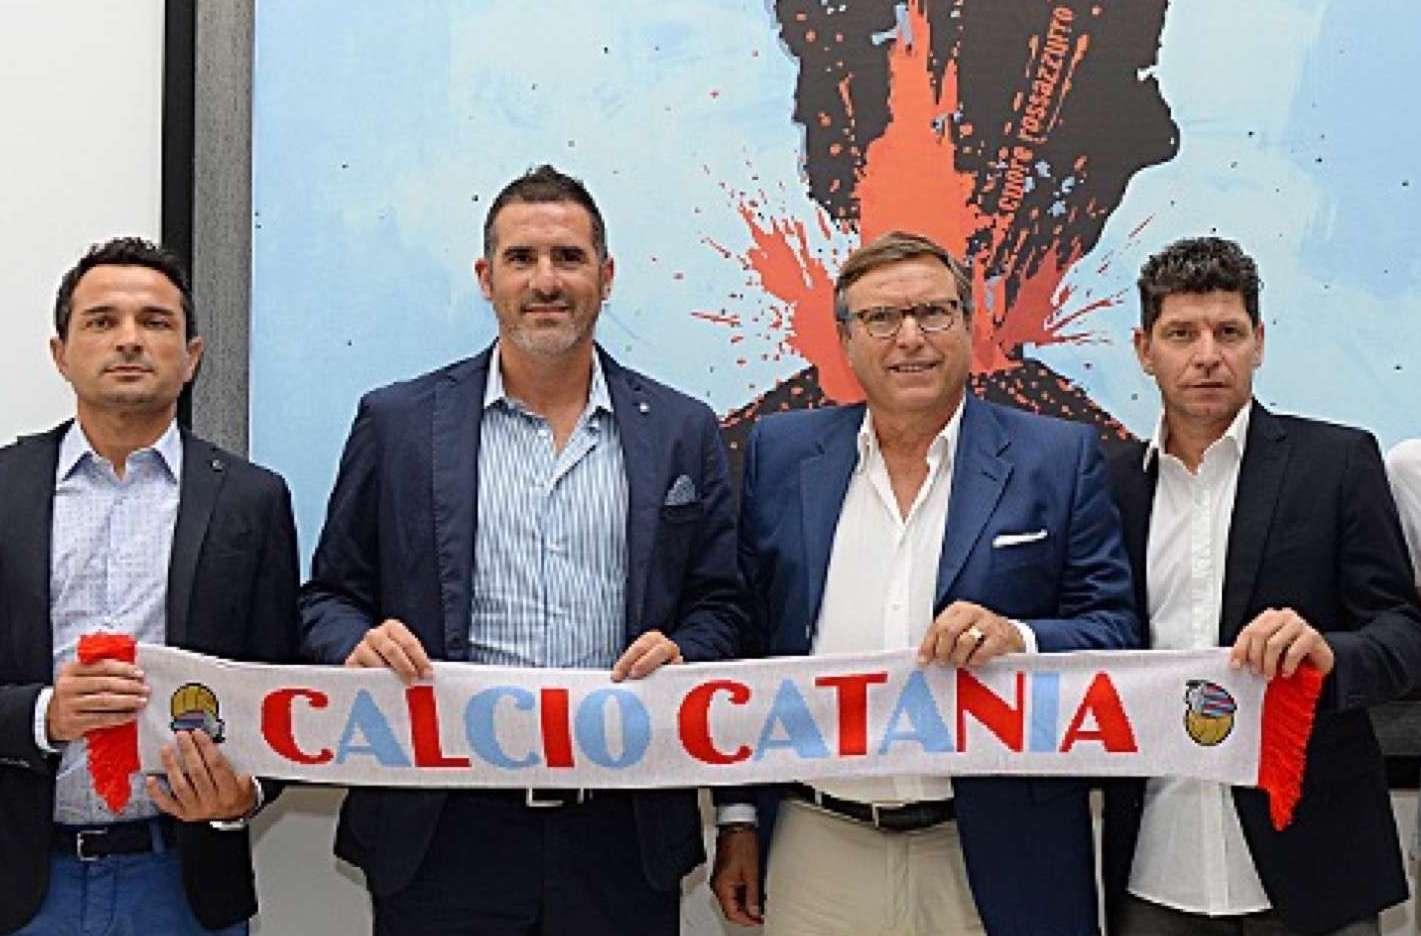 Lucarelli scuote il Catania: